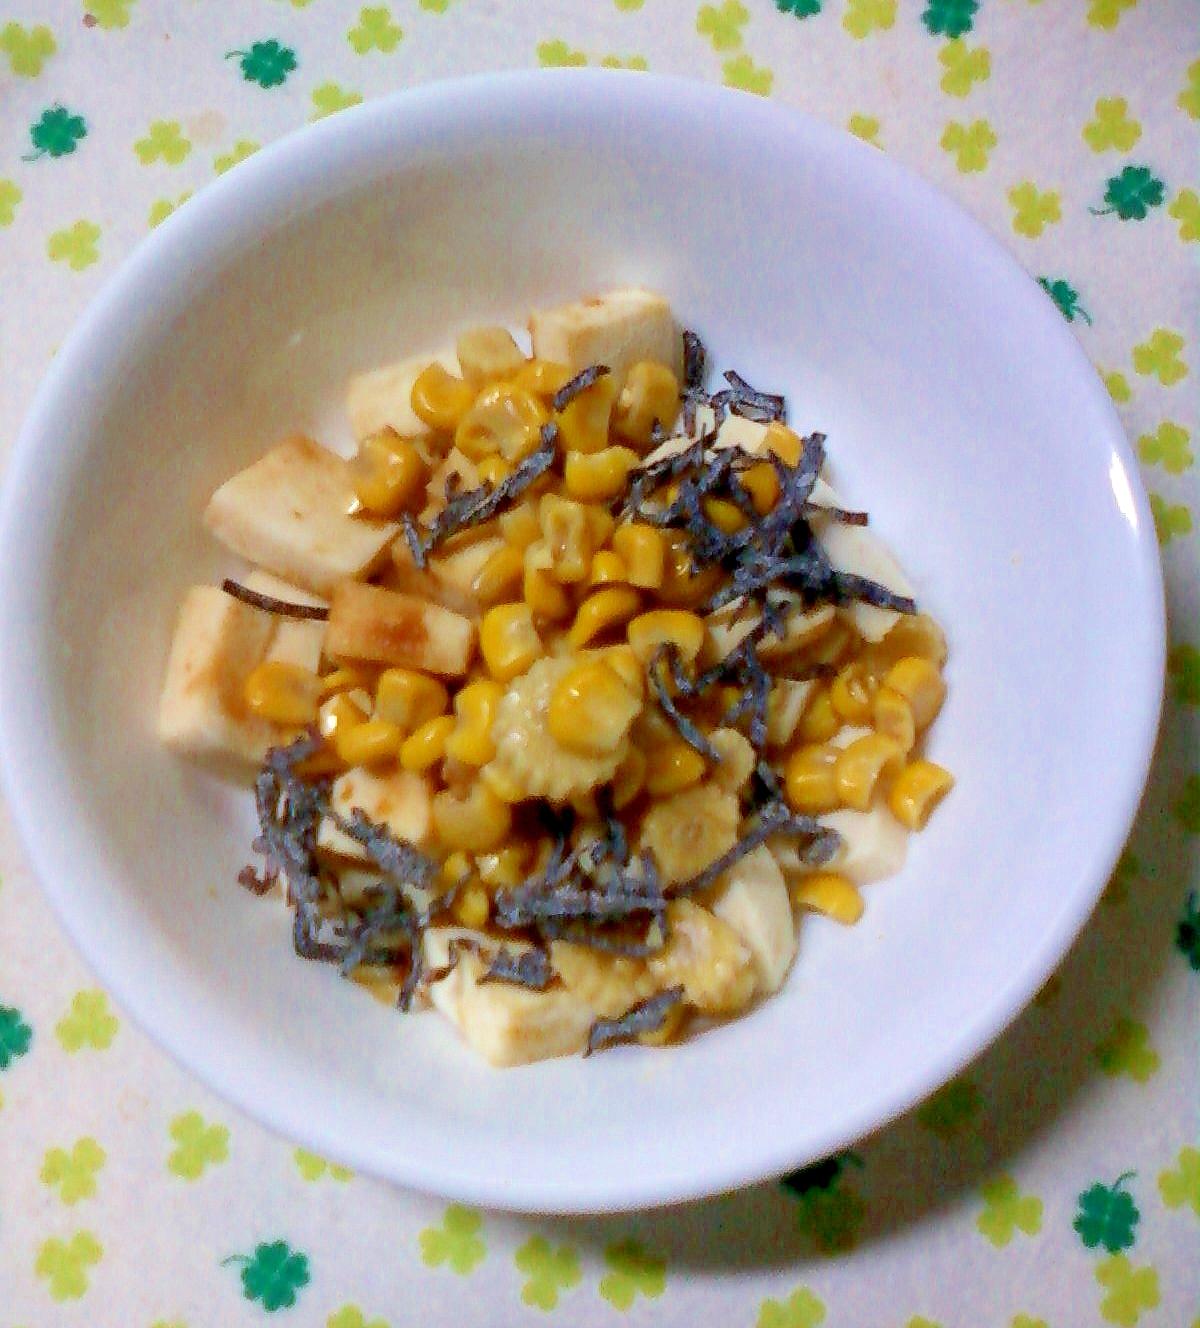 柚子味噌和え高野豆腐とコーンと刻み昆布のおつまみ